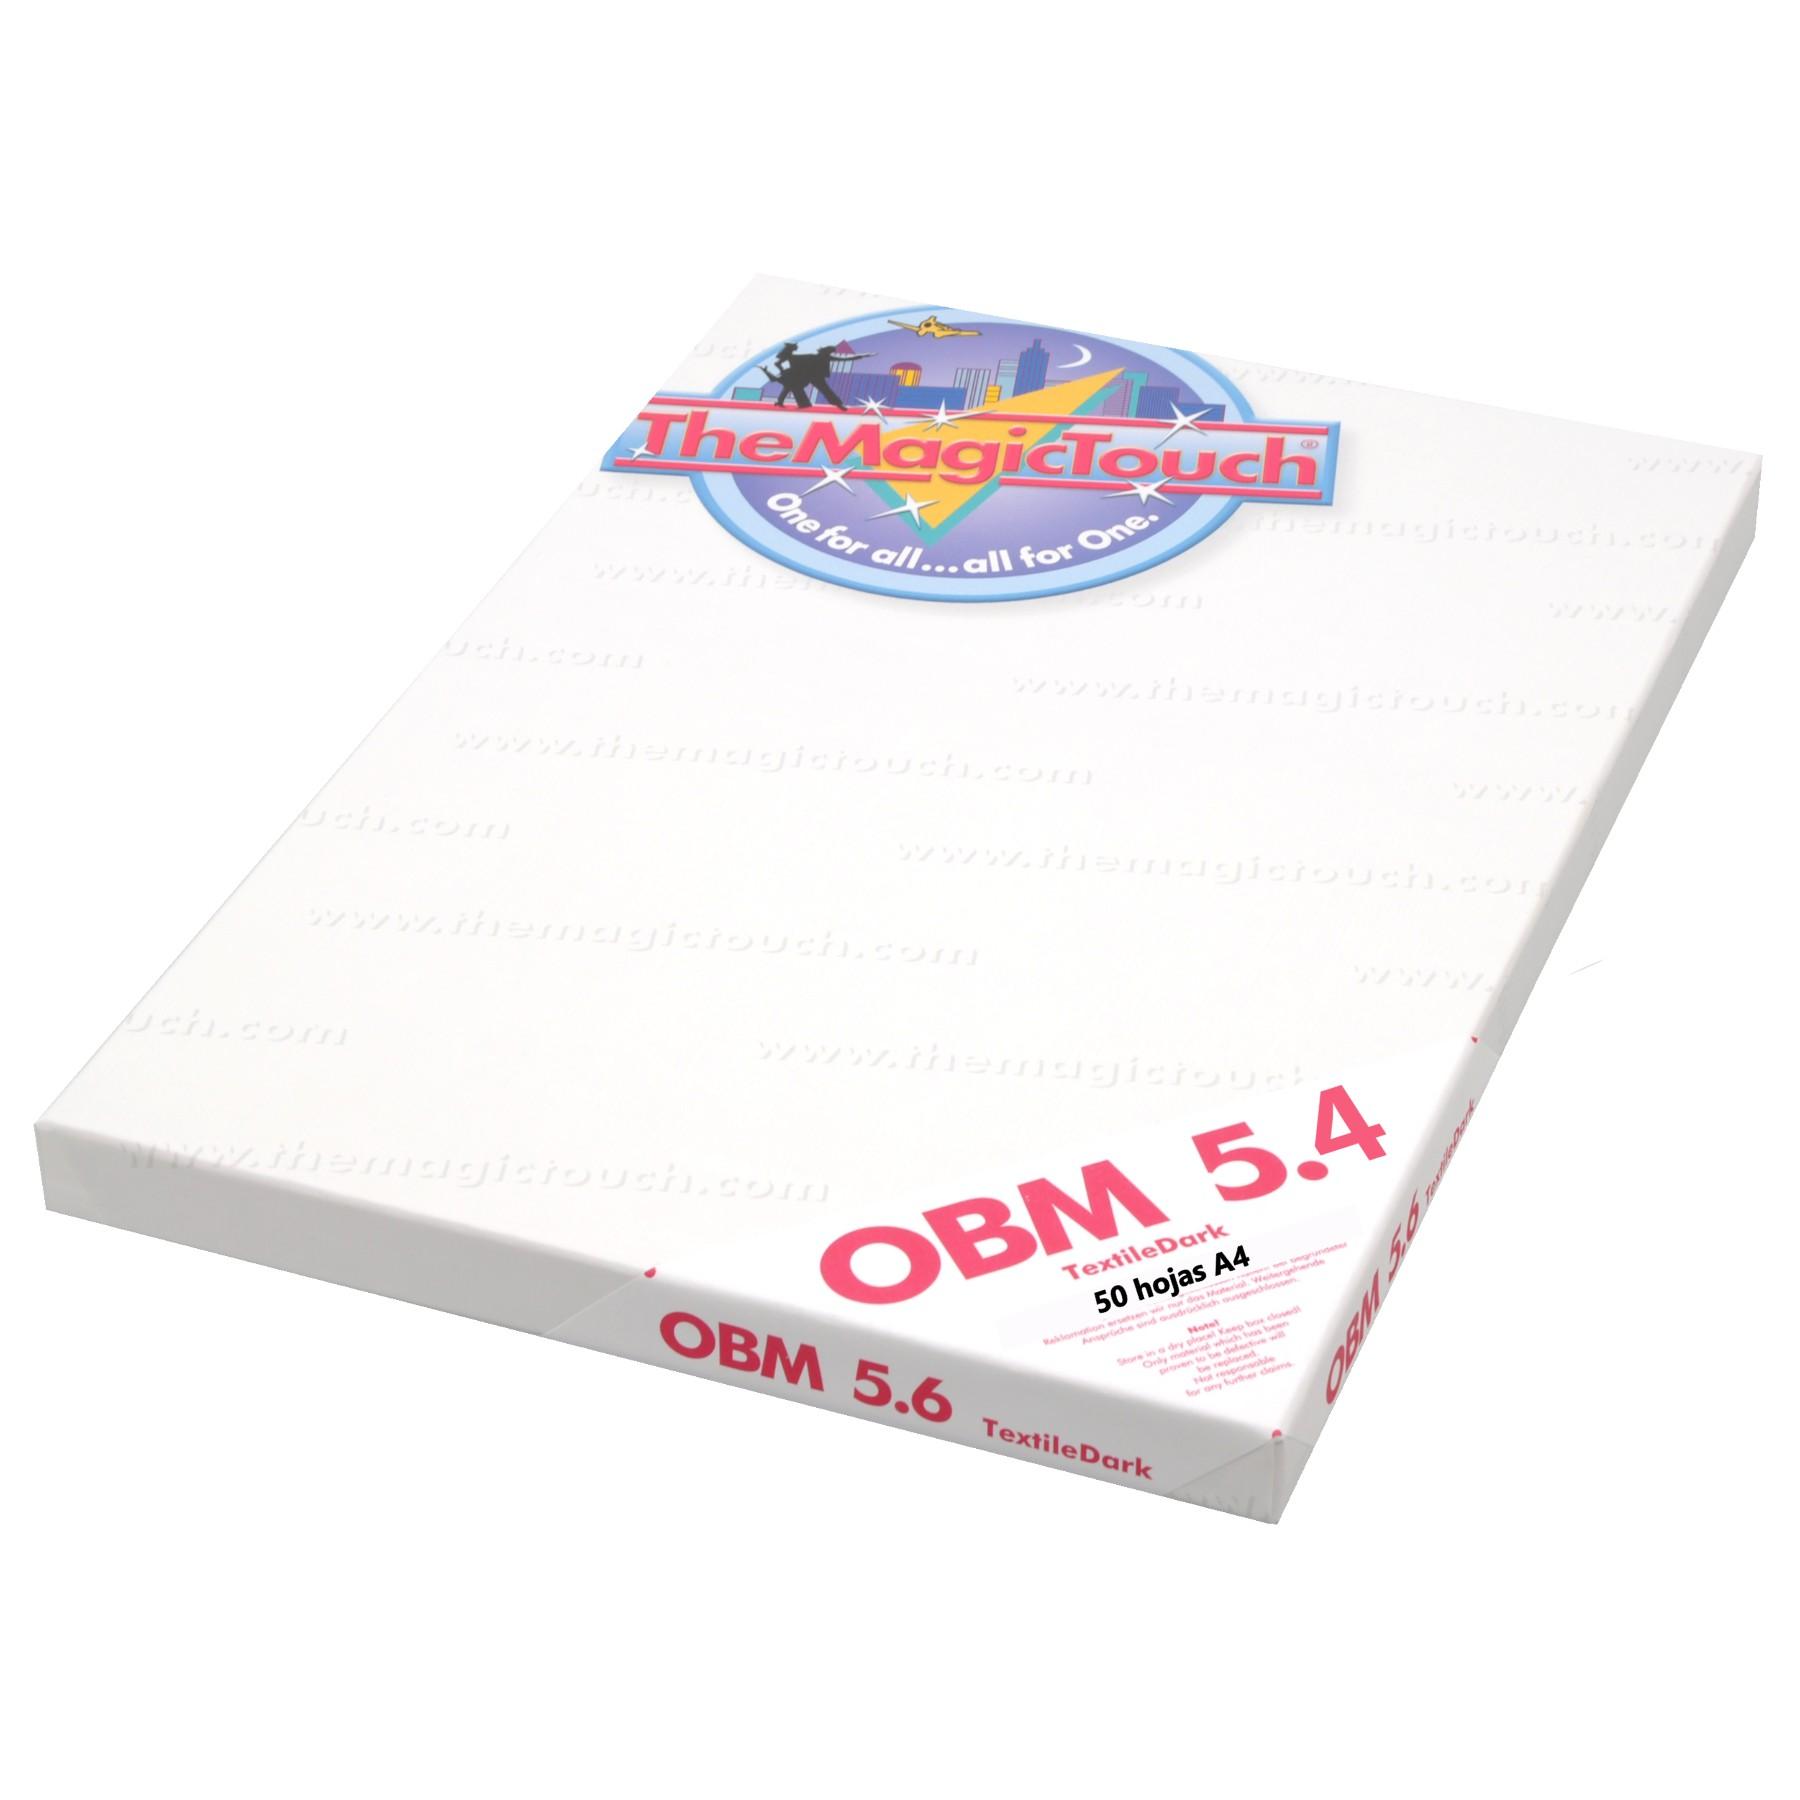 Papel transfer para telas oscuras OBM 5.4, caja de 50 hojas A3